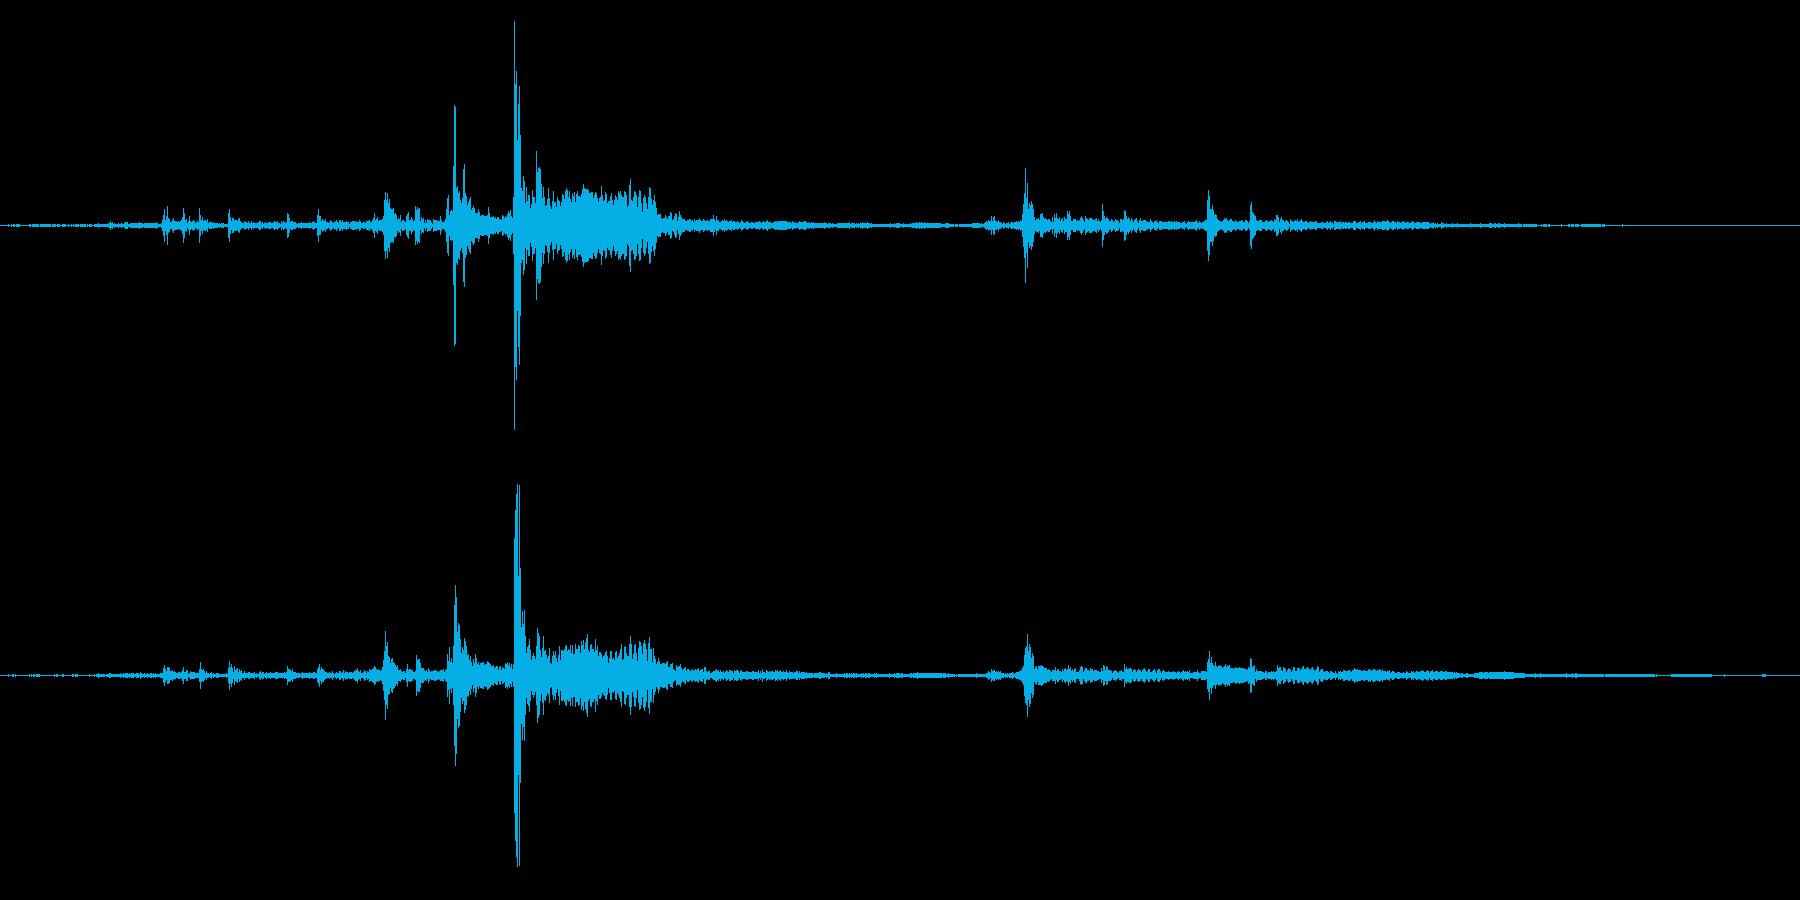 刀の鞘を動かすときの金具が鳴る音の再生済みの波形